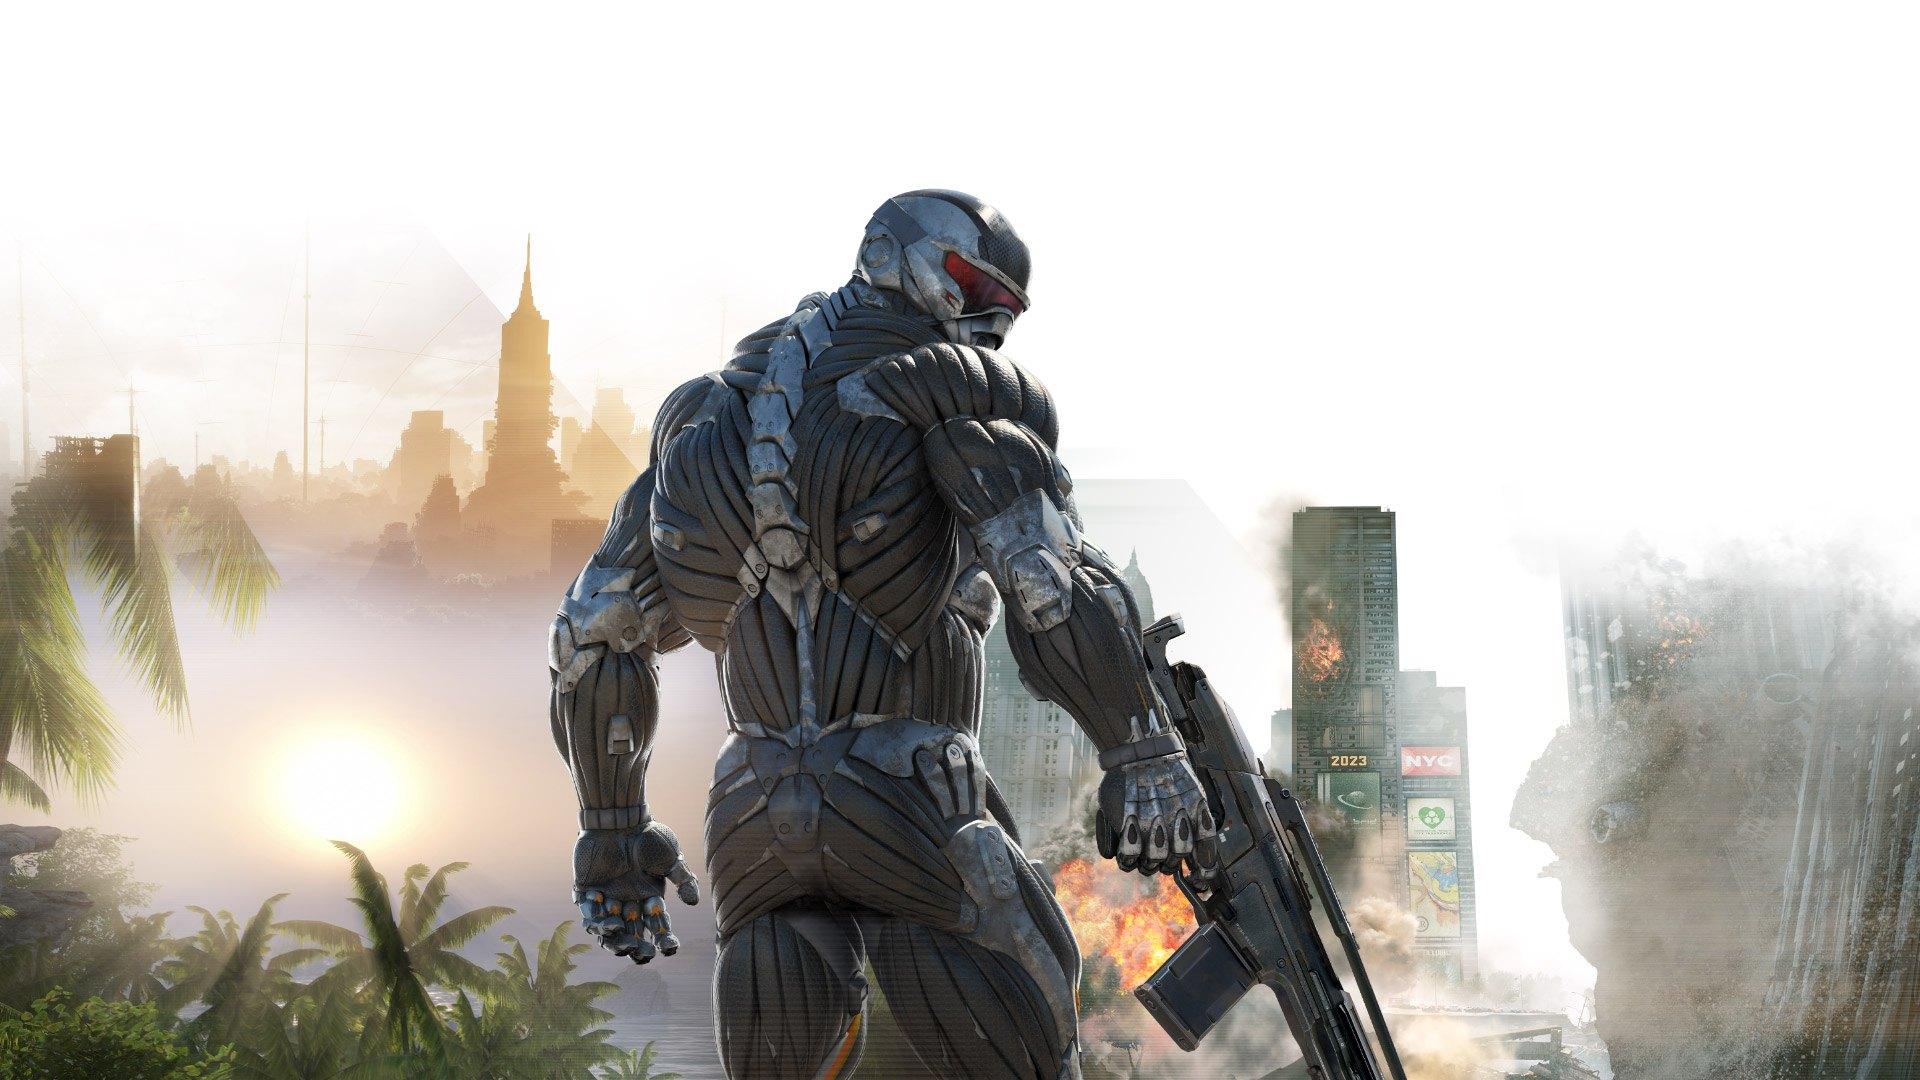 Crysis Remastered | FPS, Video Games | Crytek